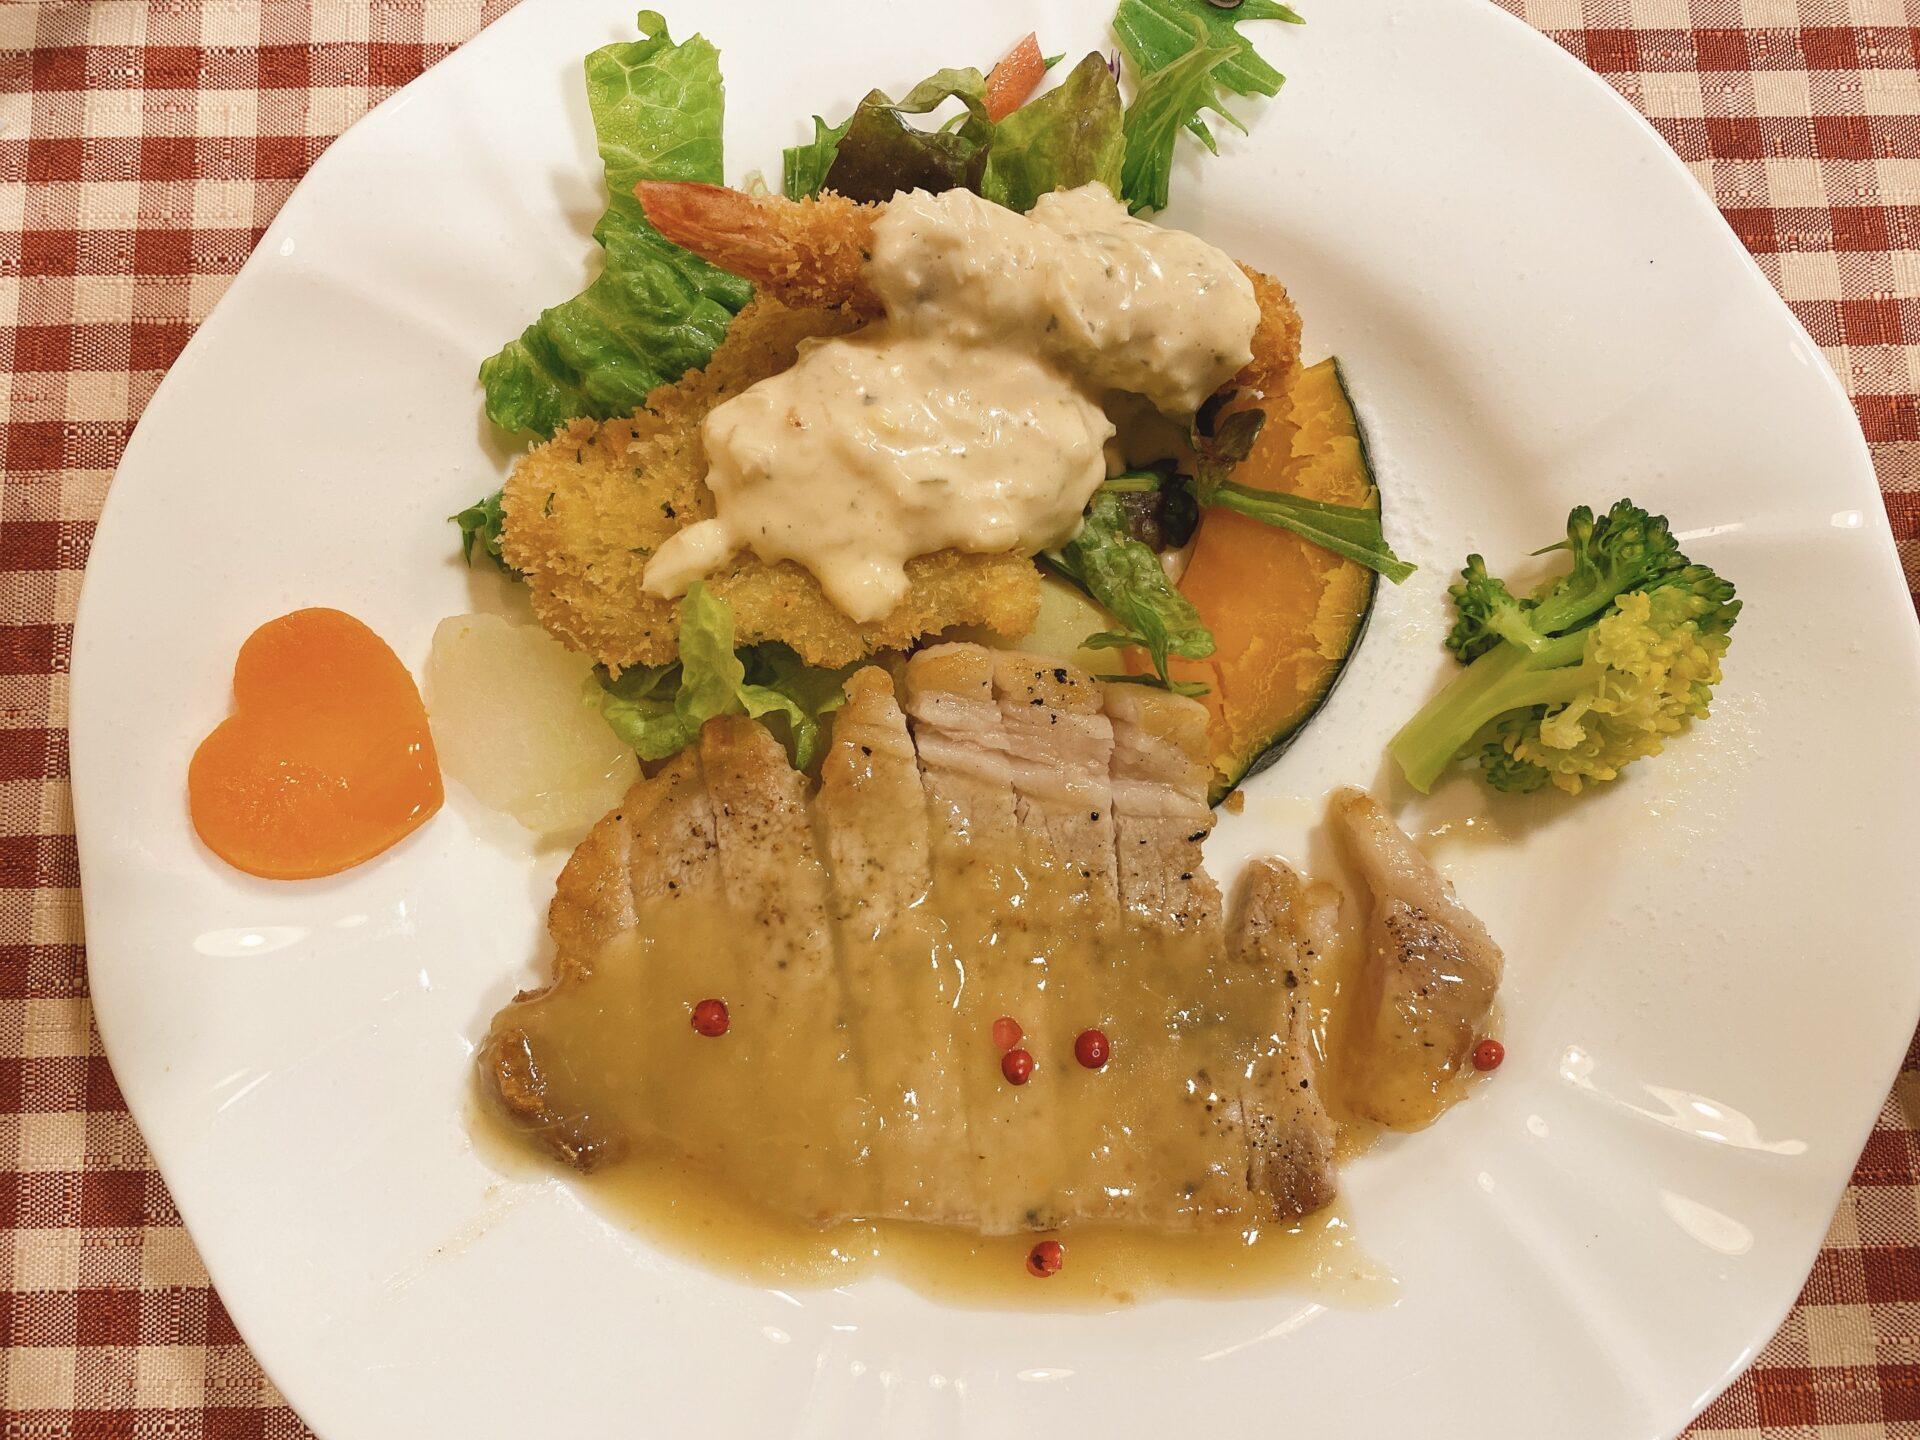 岡山市東区 洋食【サンタムゥール(Saint Amour)伊東】肉料理と魚料理の盛り合わせの日替わりランチセットが一番人気!